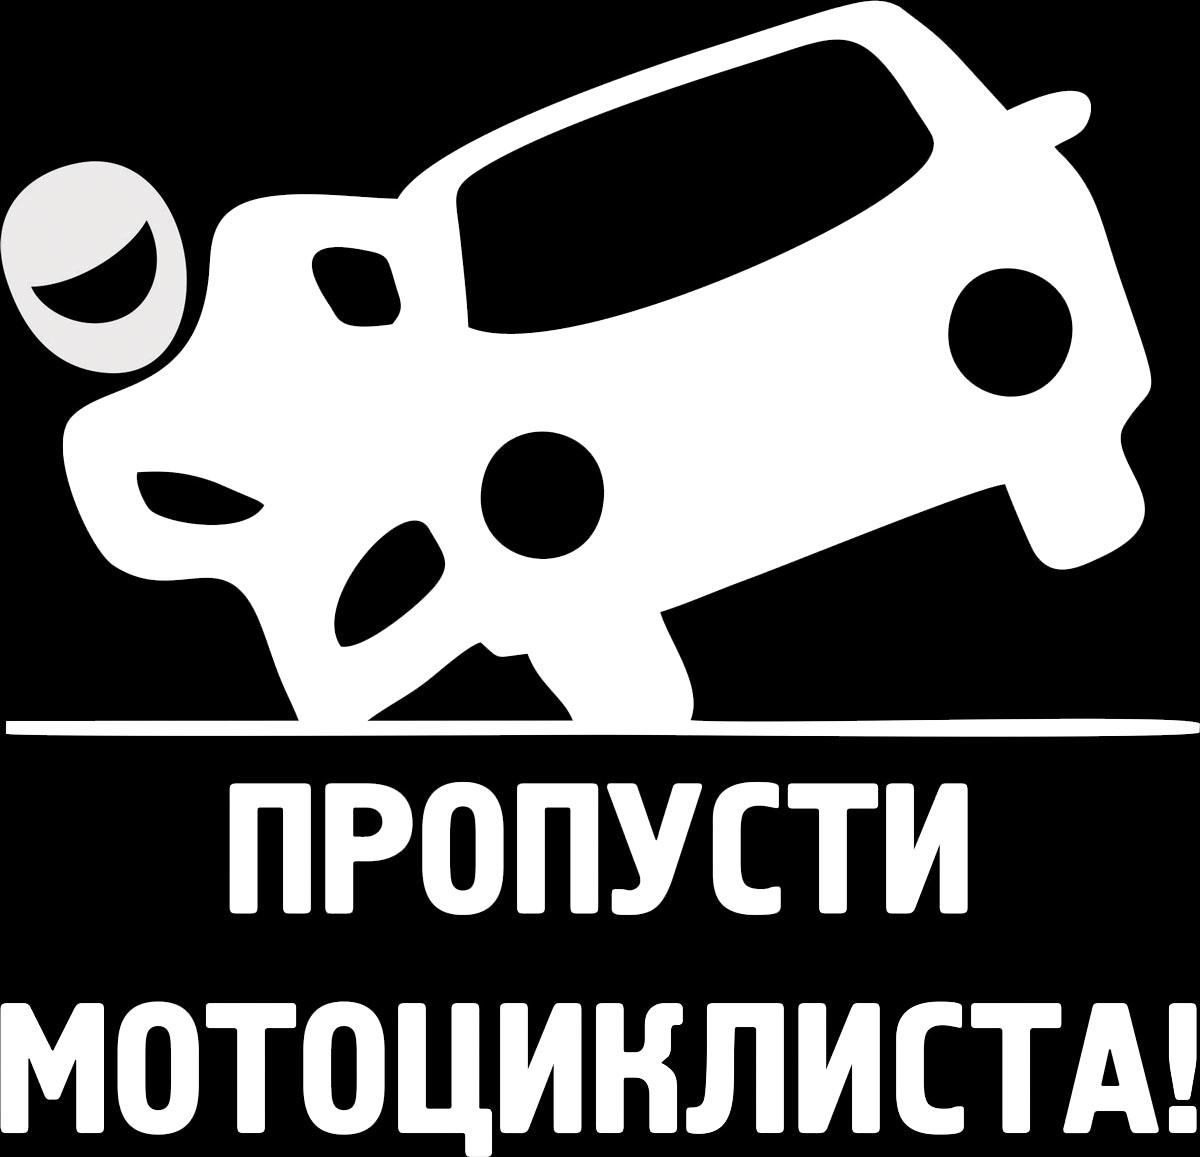 Наклейка автомобильная Оранжевый слоник Пропусти мотоциклиста!, виниловая, цвет: белыйVCA-00Оригинальная наклейка Оранжевый слоник Пропусти мотоциклиста! изготовлена из высококачественной виниловой пленки, которая выполняет не только декоративную функцию, но и защищает кузов автомобиля от небольших механических повреждений, либо скрывает уже существующие.Виниловые наклейки на автомобиль - это не только красиво, но еще и быстро! Всего за несколько минут вы можете полностью преобразить свой автомобиль, сделать его ярким, необычным, особенным и неповторимым!